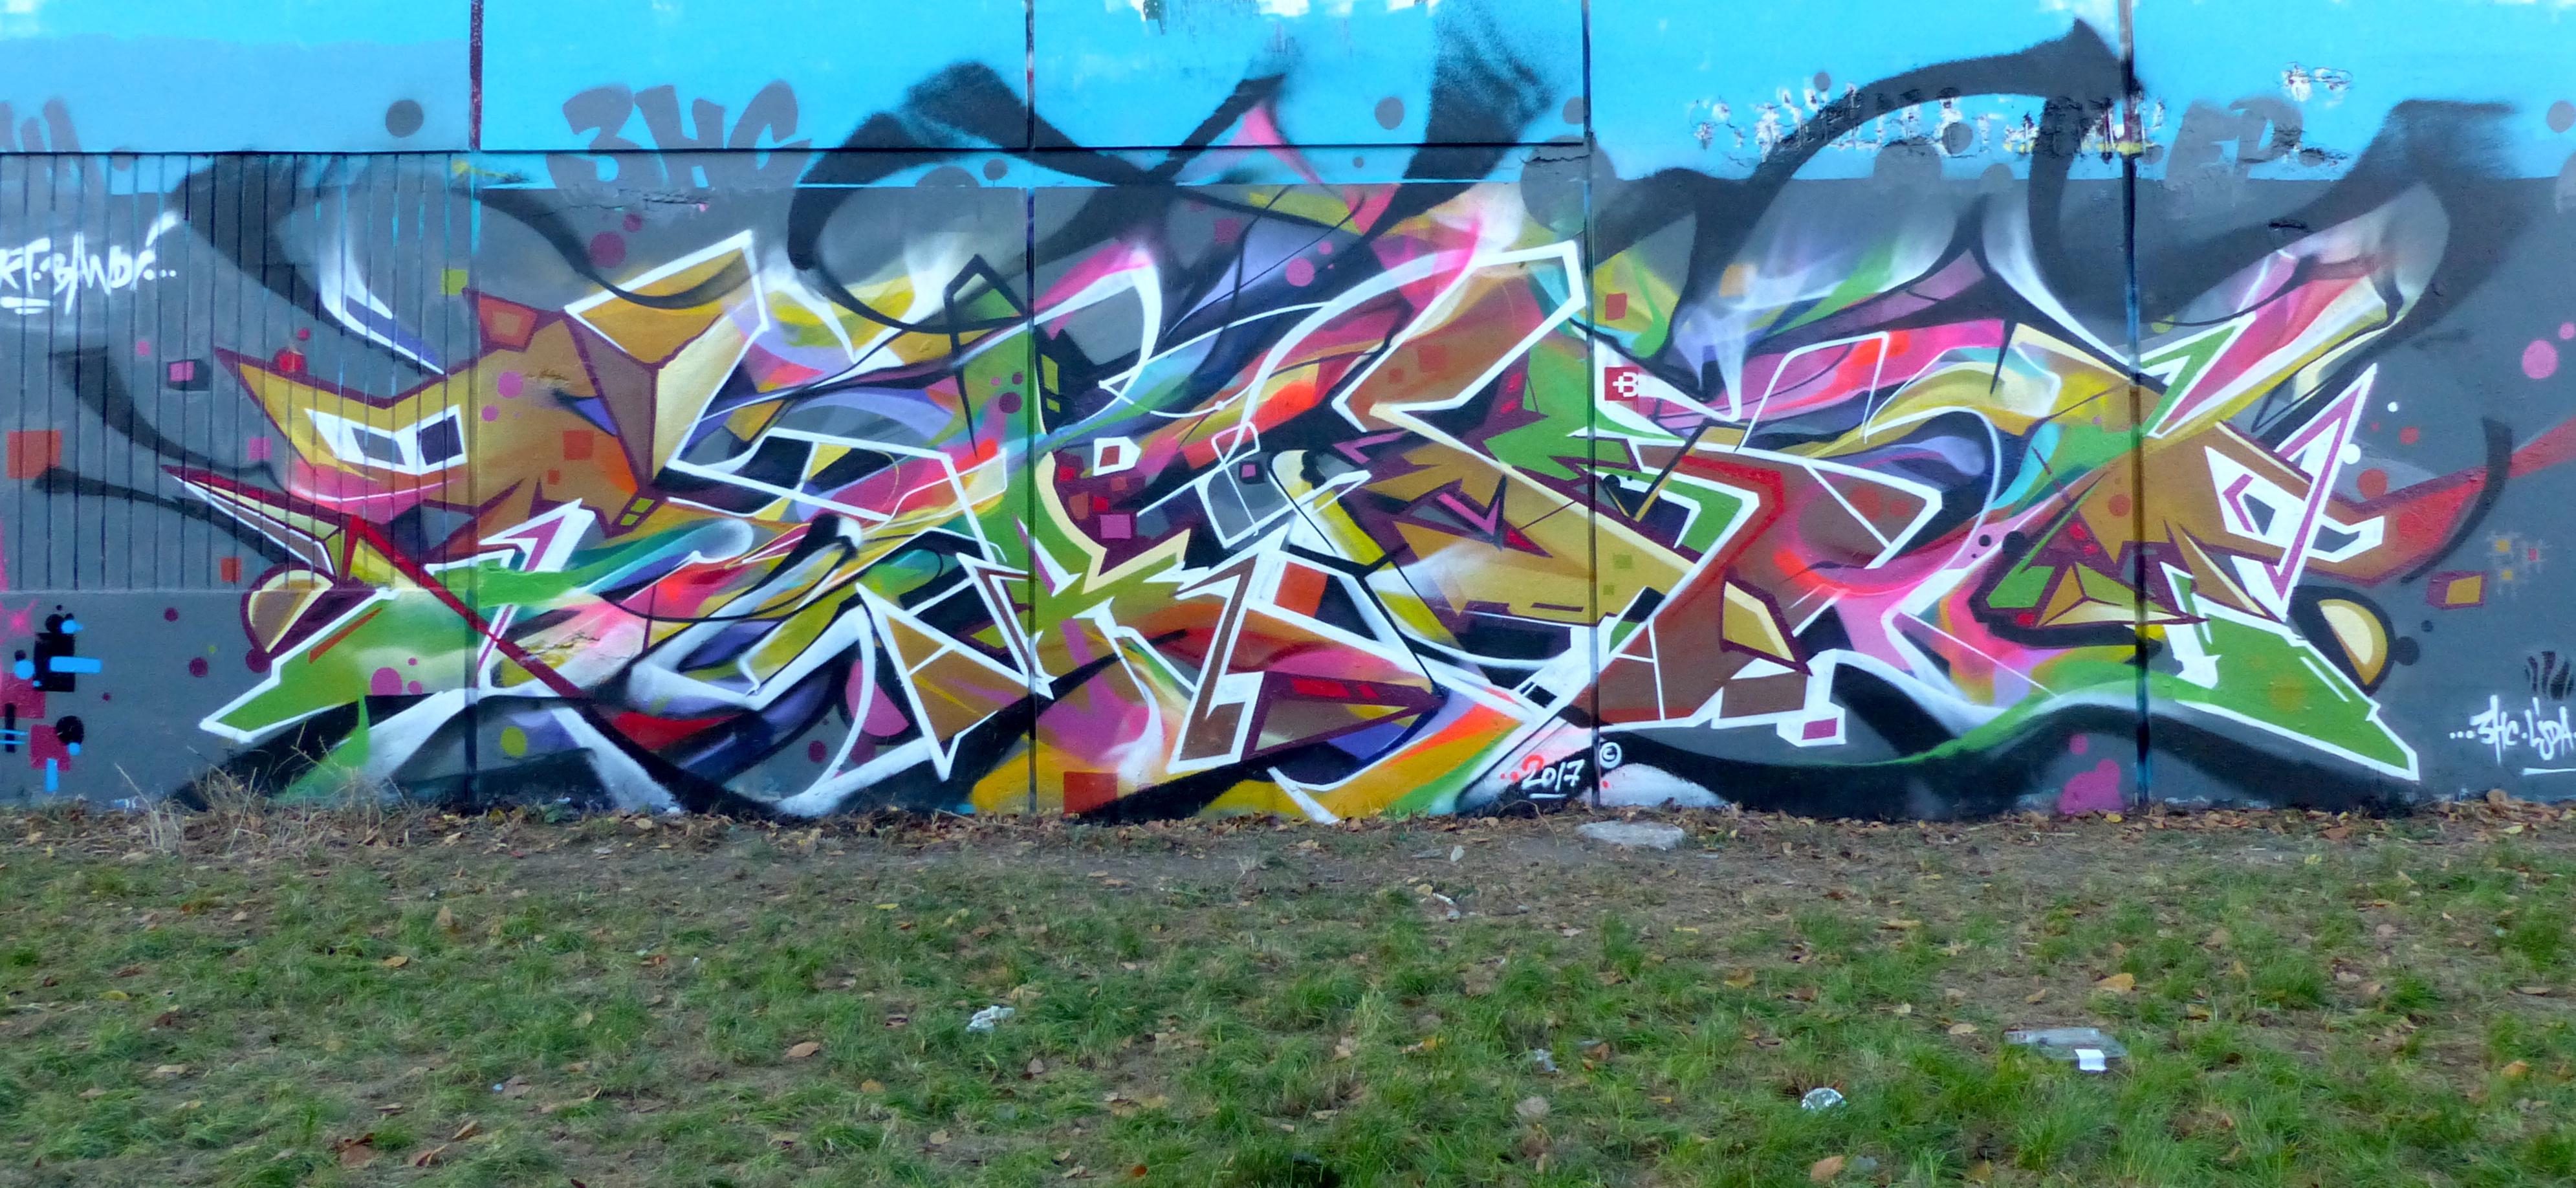 Abstract graffiti freestyle takt and bandi